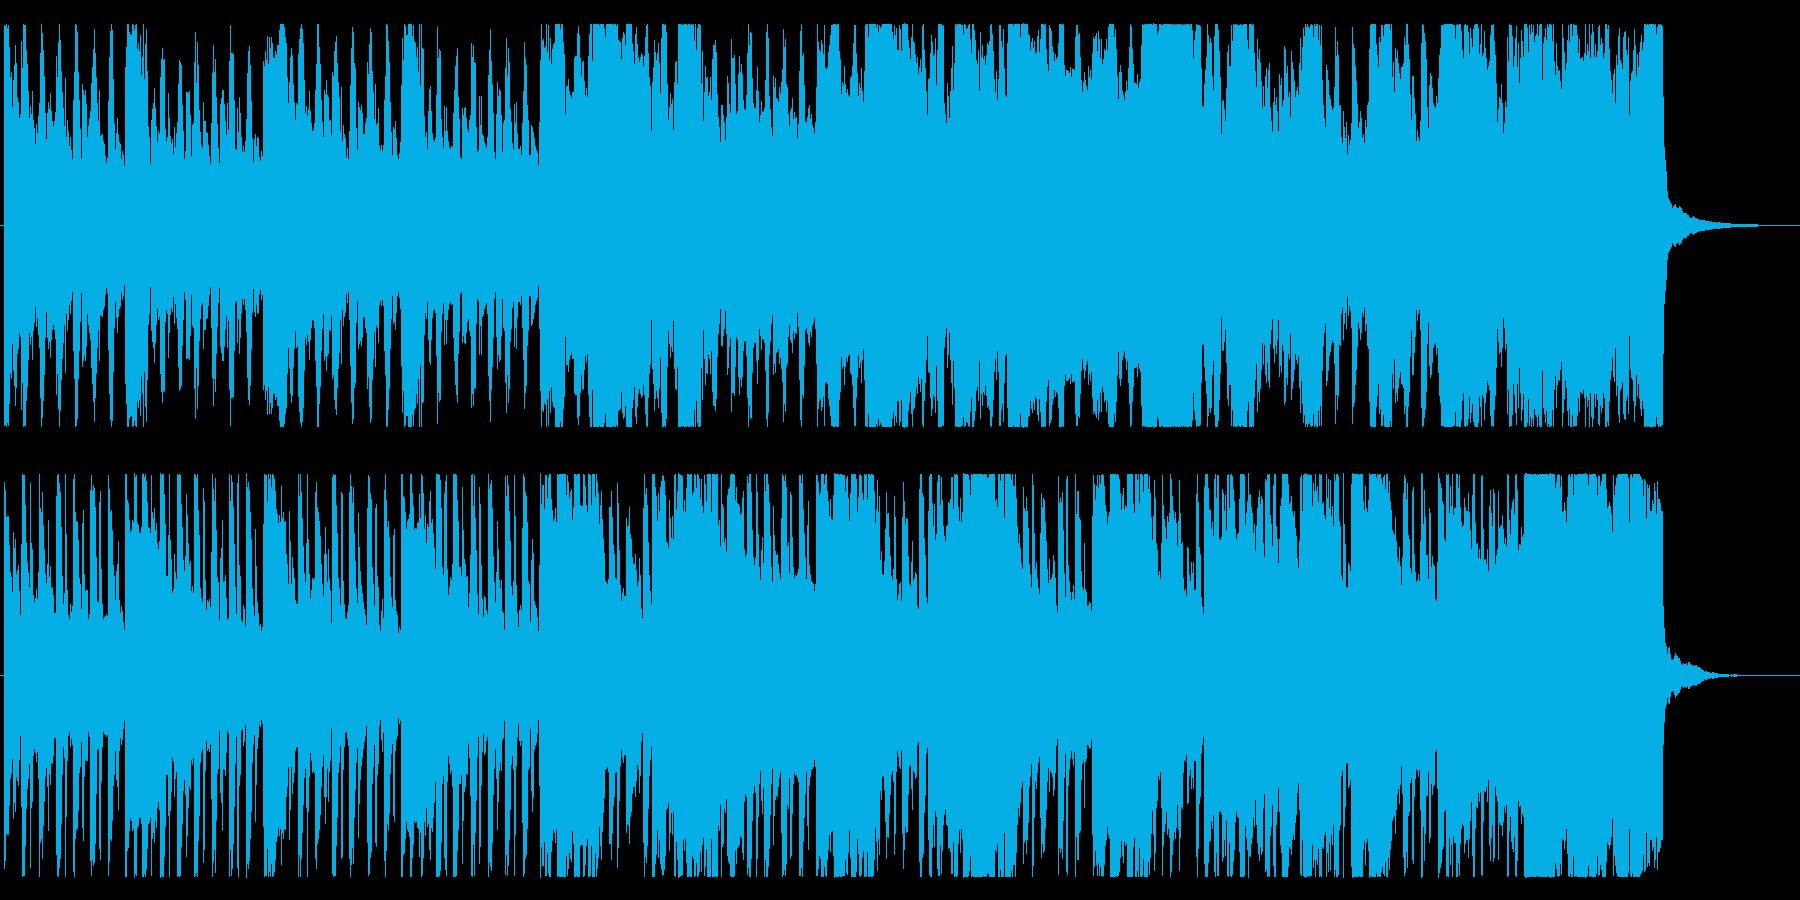 森の奥深くをイメージした幻想的BGMの再生済みの波形